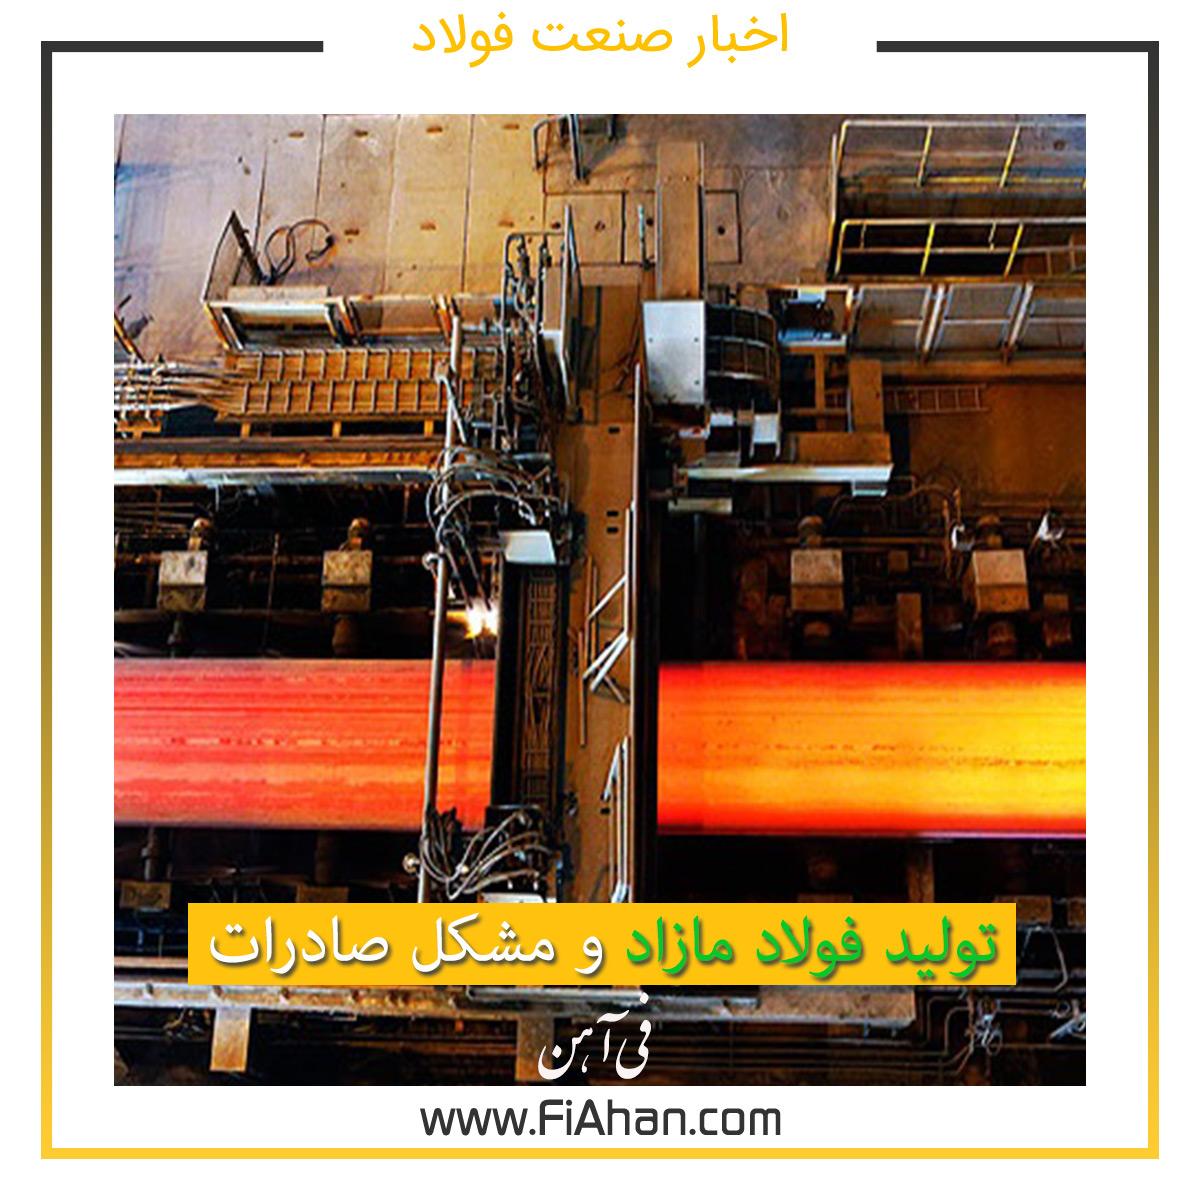 تولید فولاد مازاد و مشکل صادرات